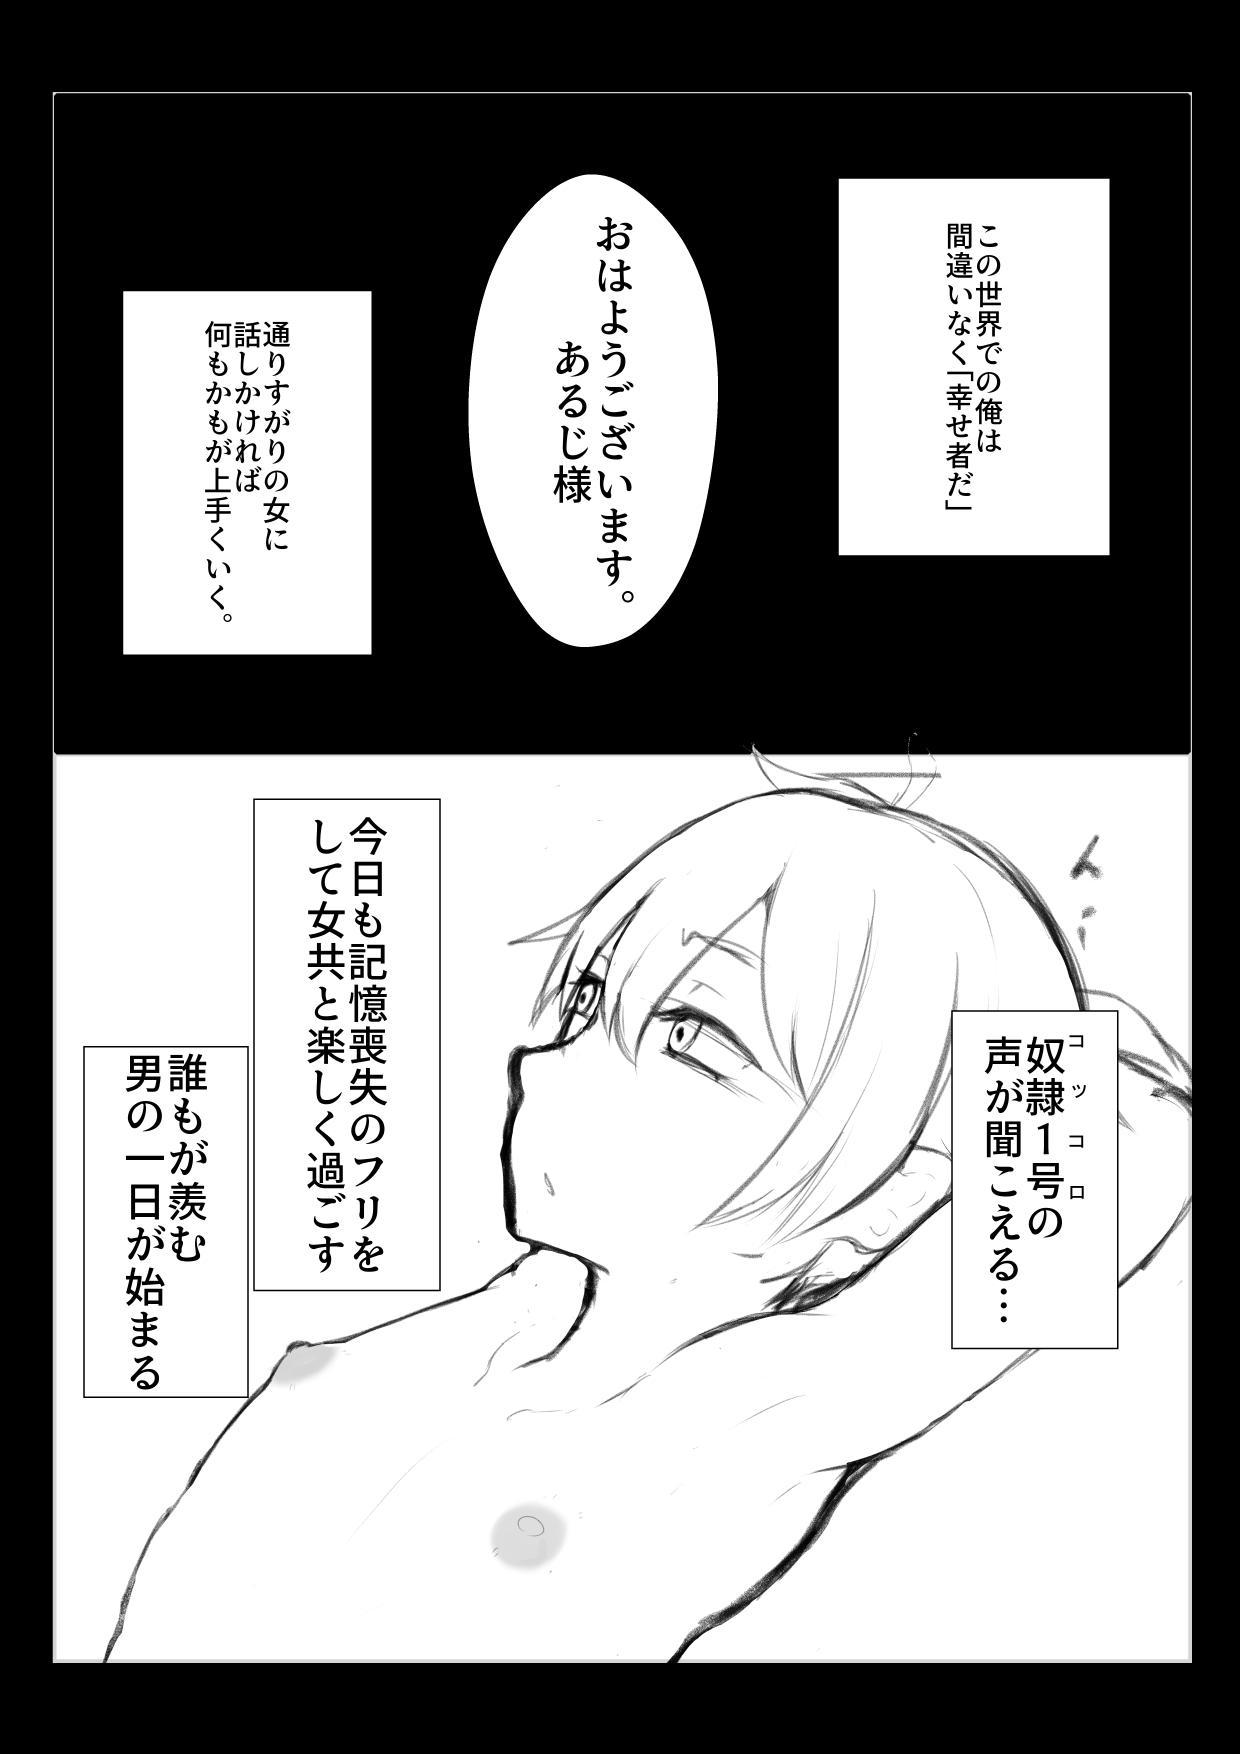 Kokkoro ni Kaihatsu sareru Hon 2